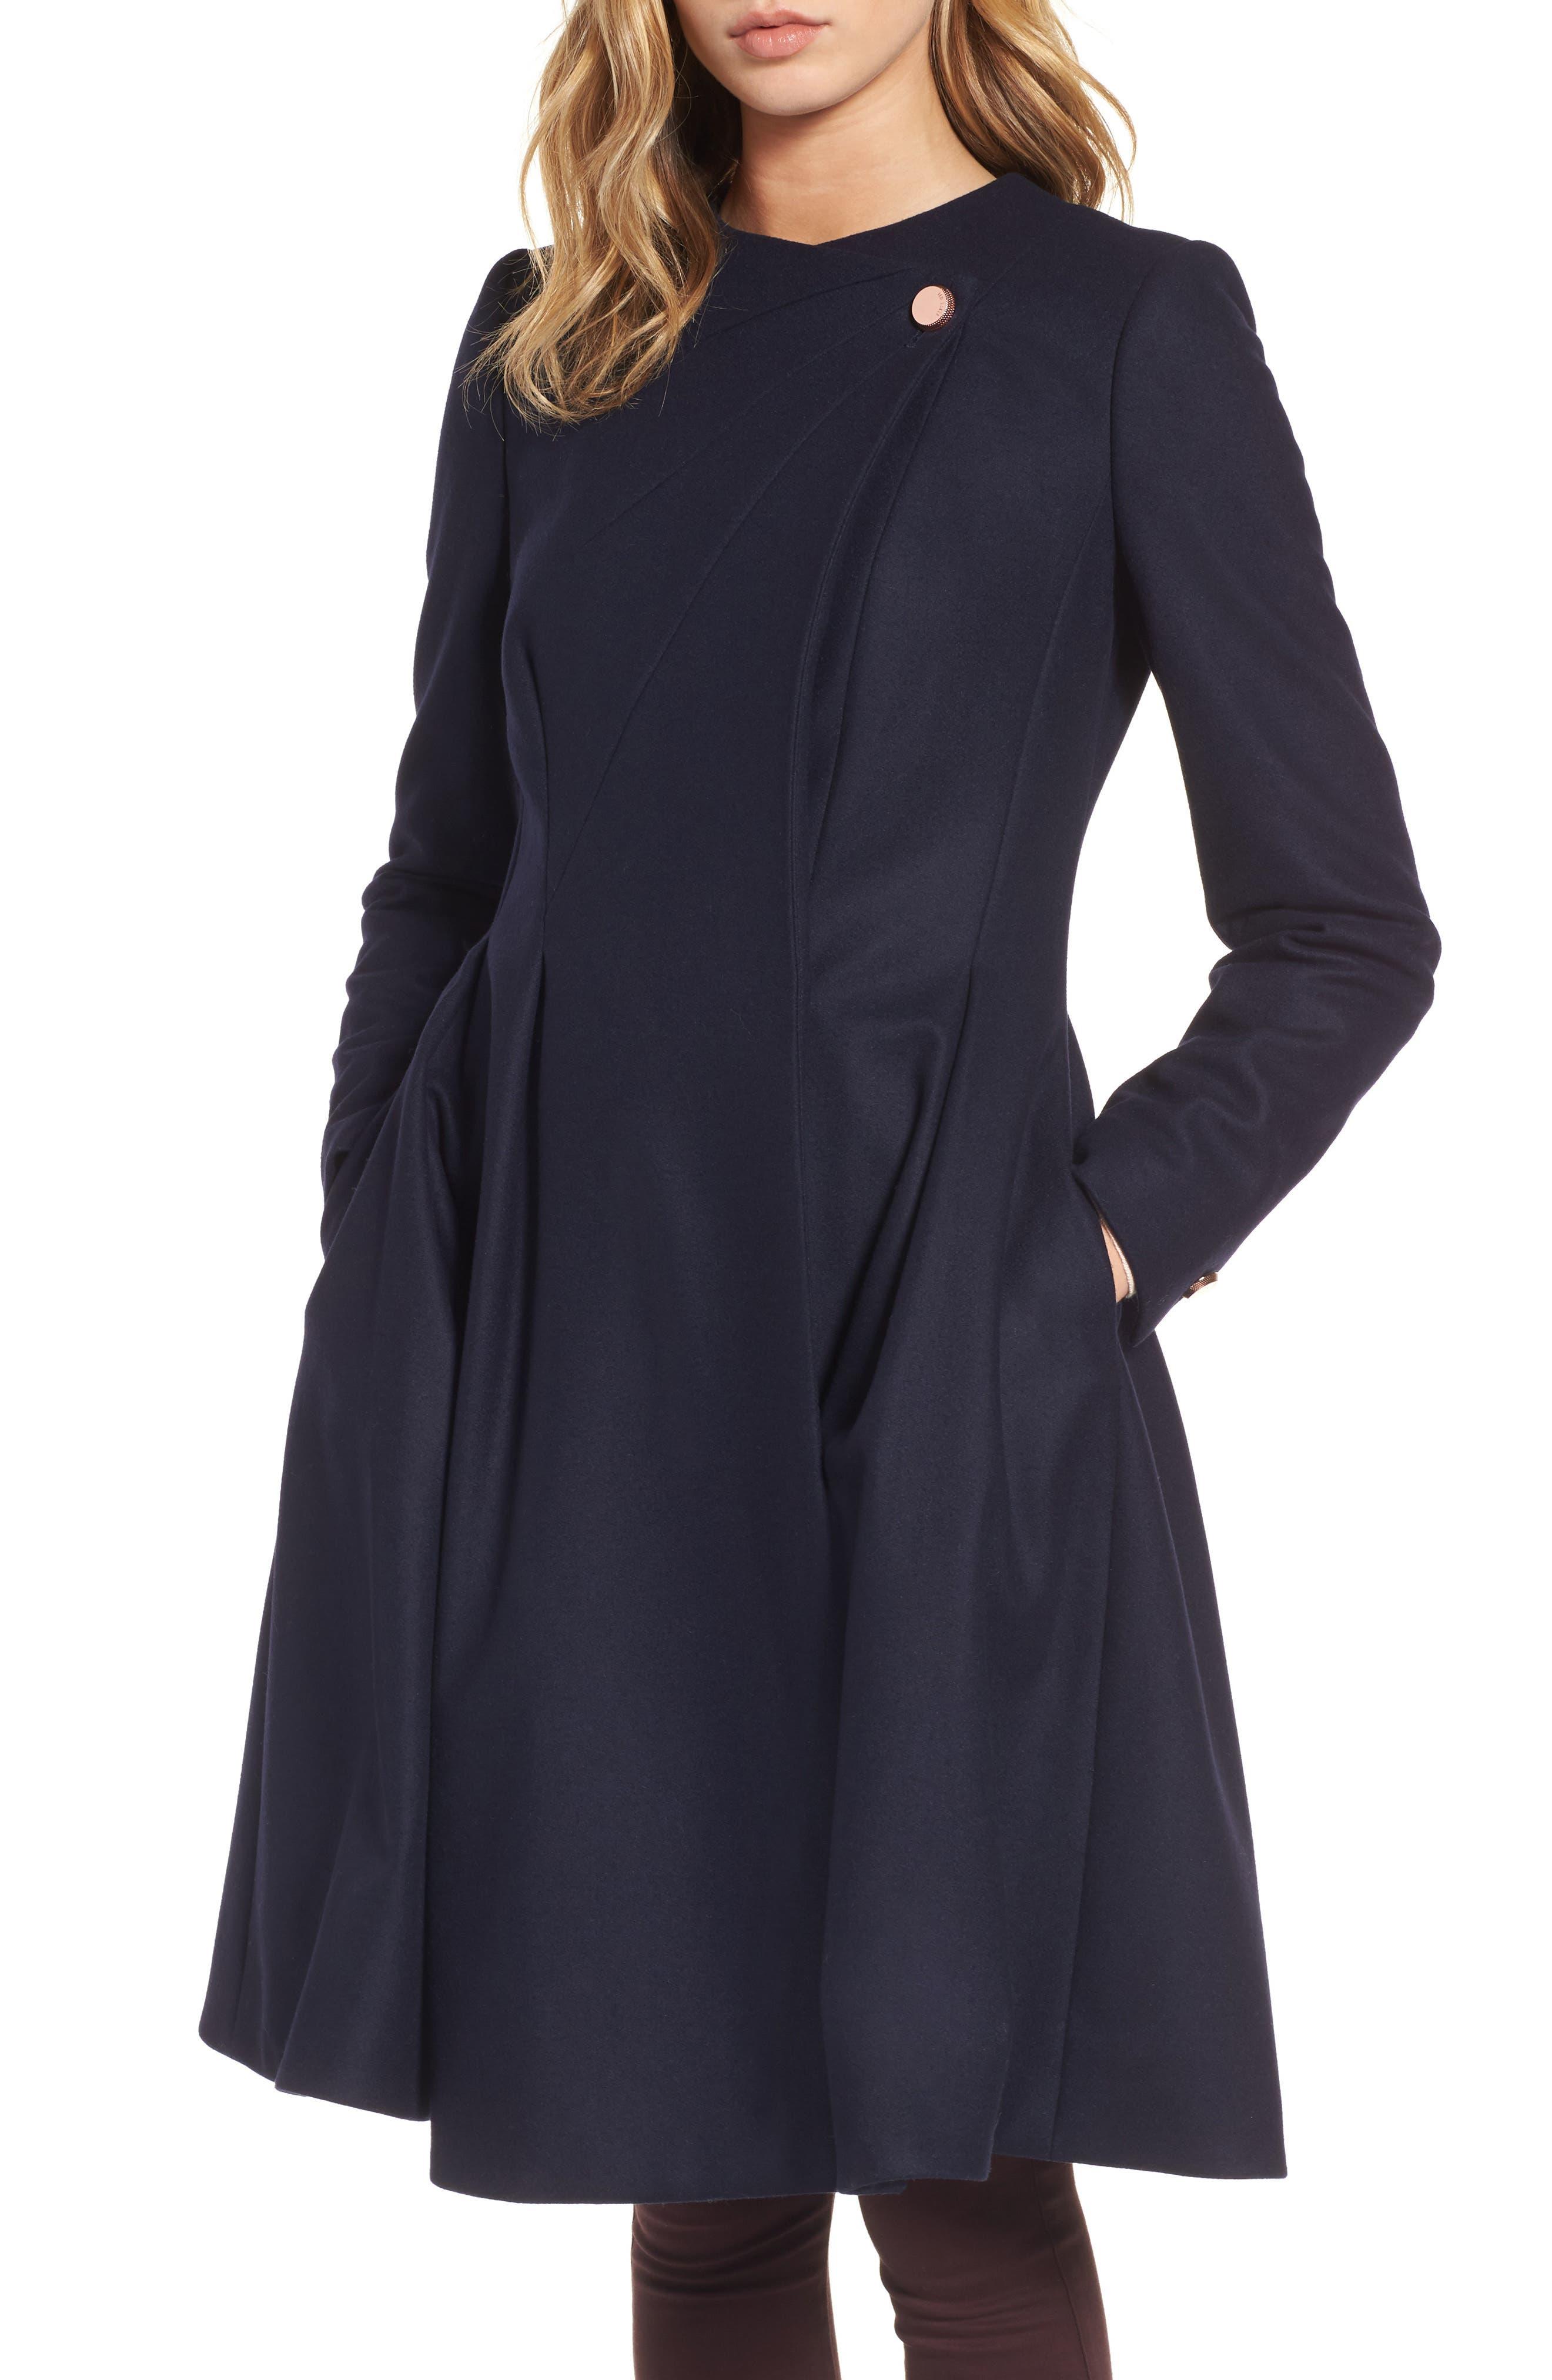 Alternate Image 1 Selected - Ted Baker London Wool Blend Asymmetrical Skirted Coat